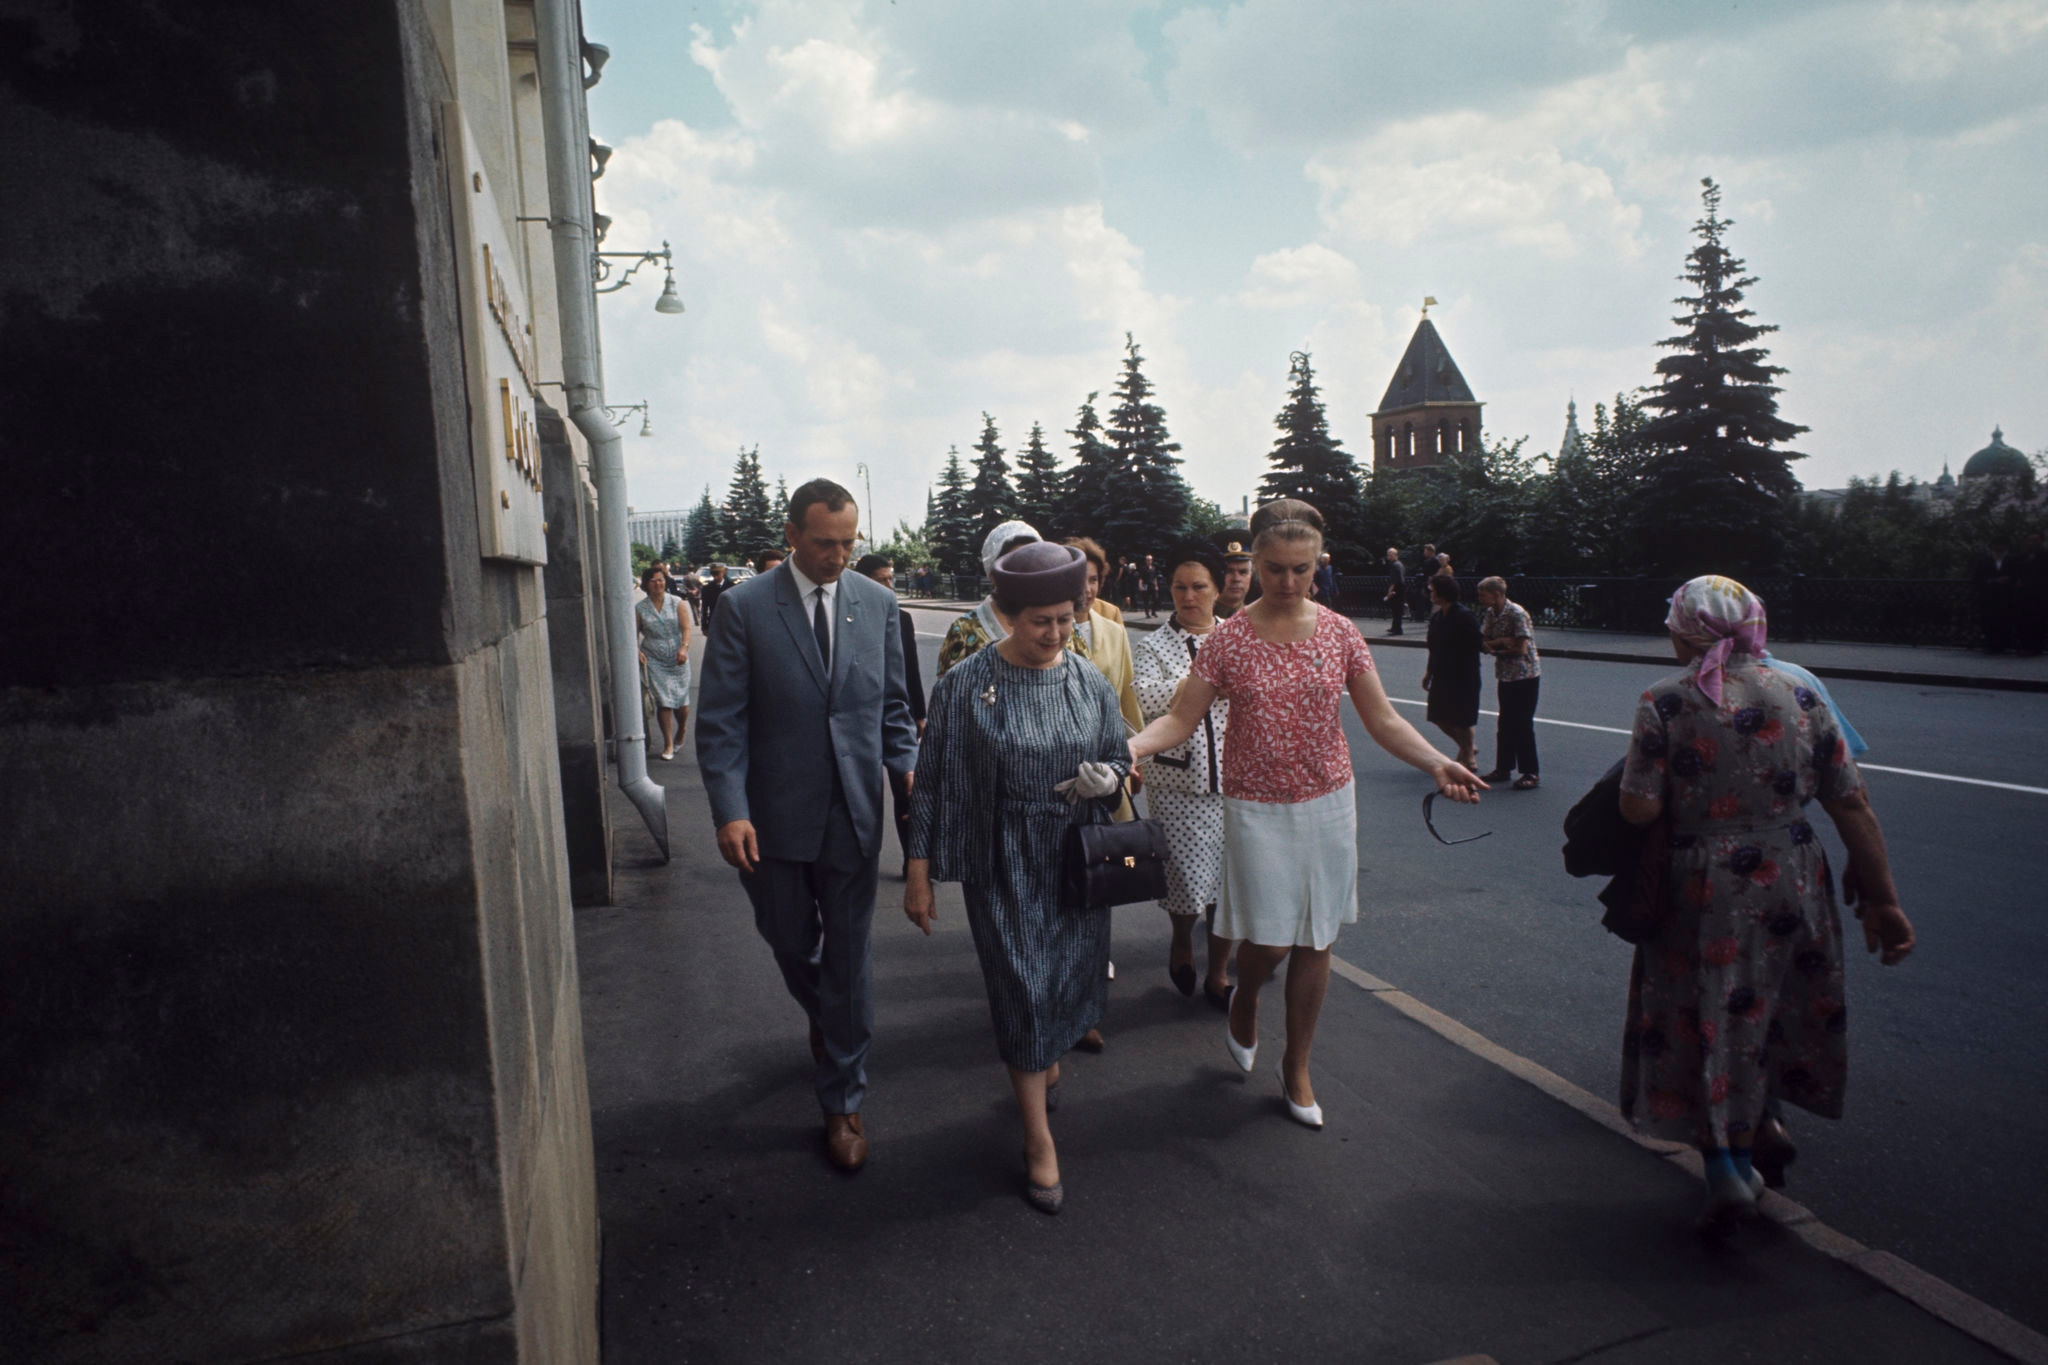 Ивонна де Голль, супруга президента Франции, у Большого Кремлевского дворца